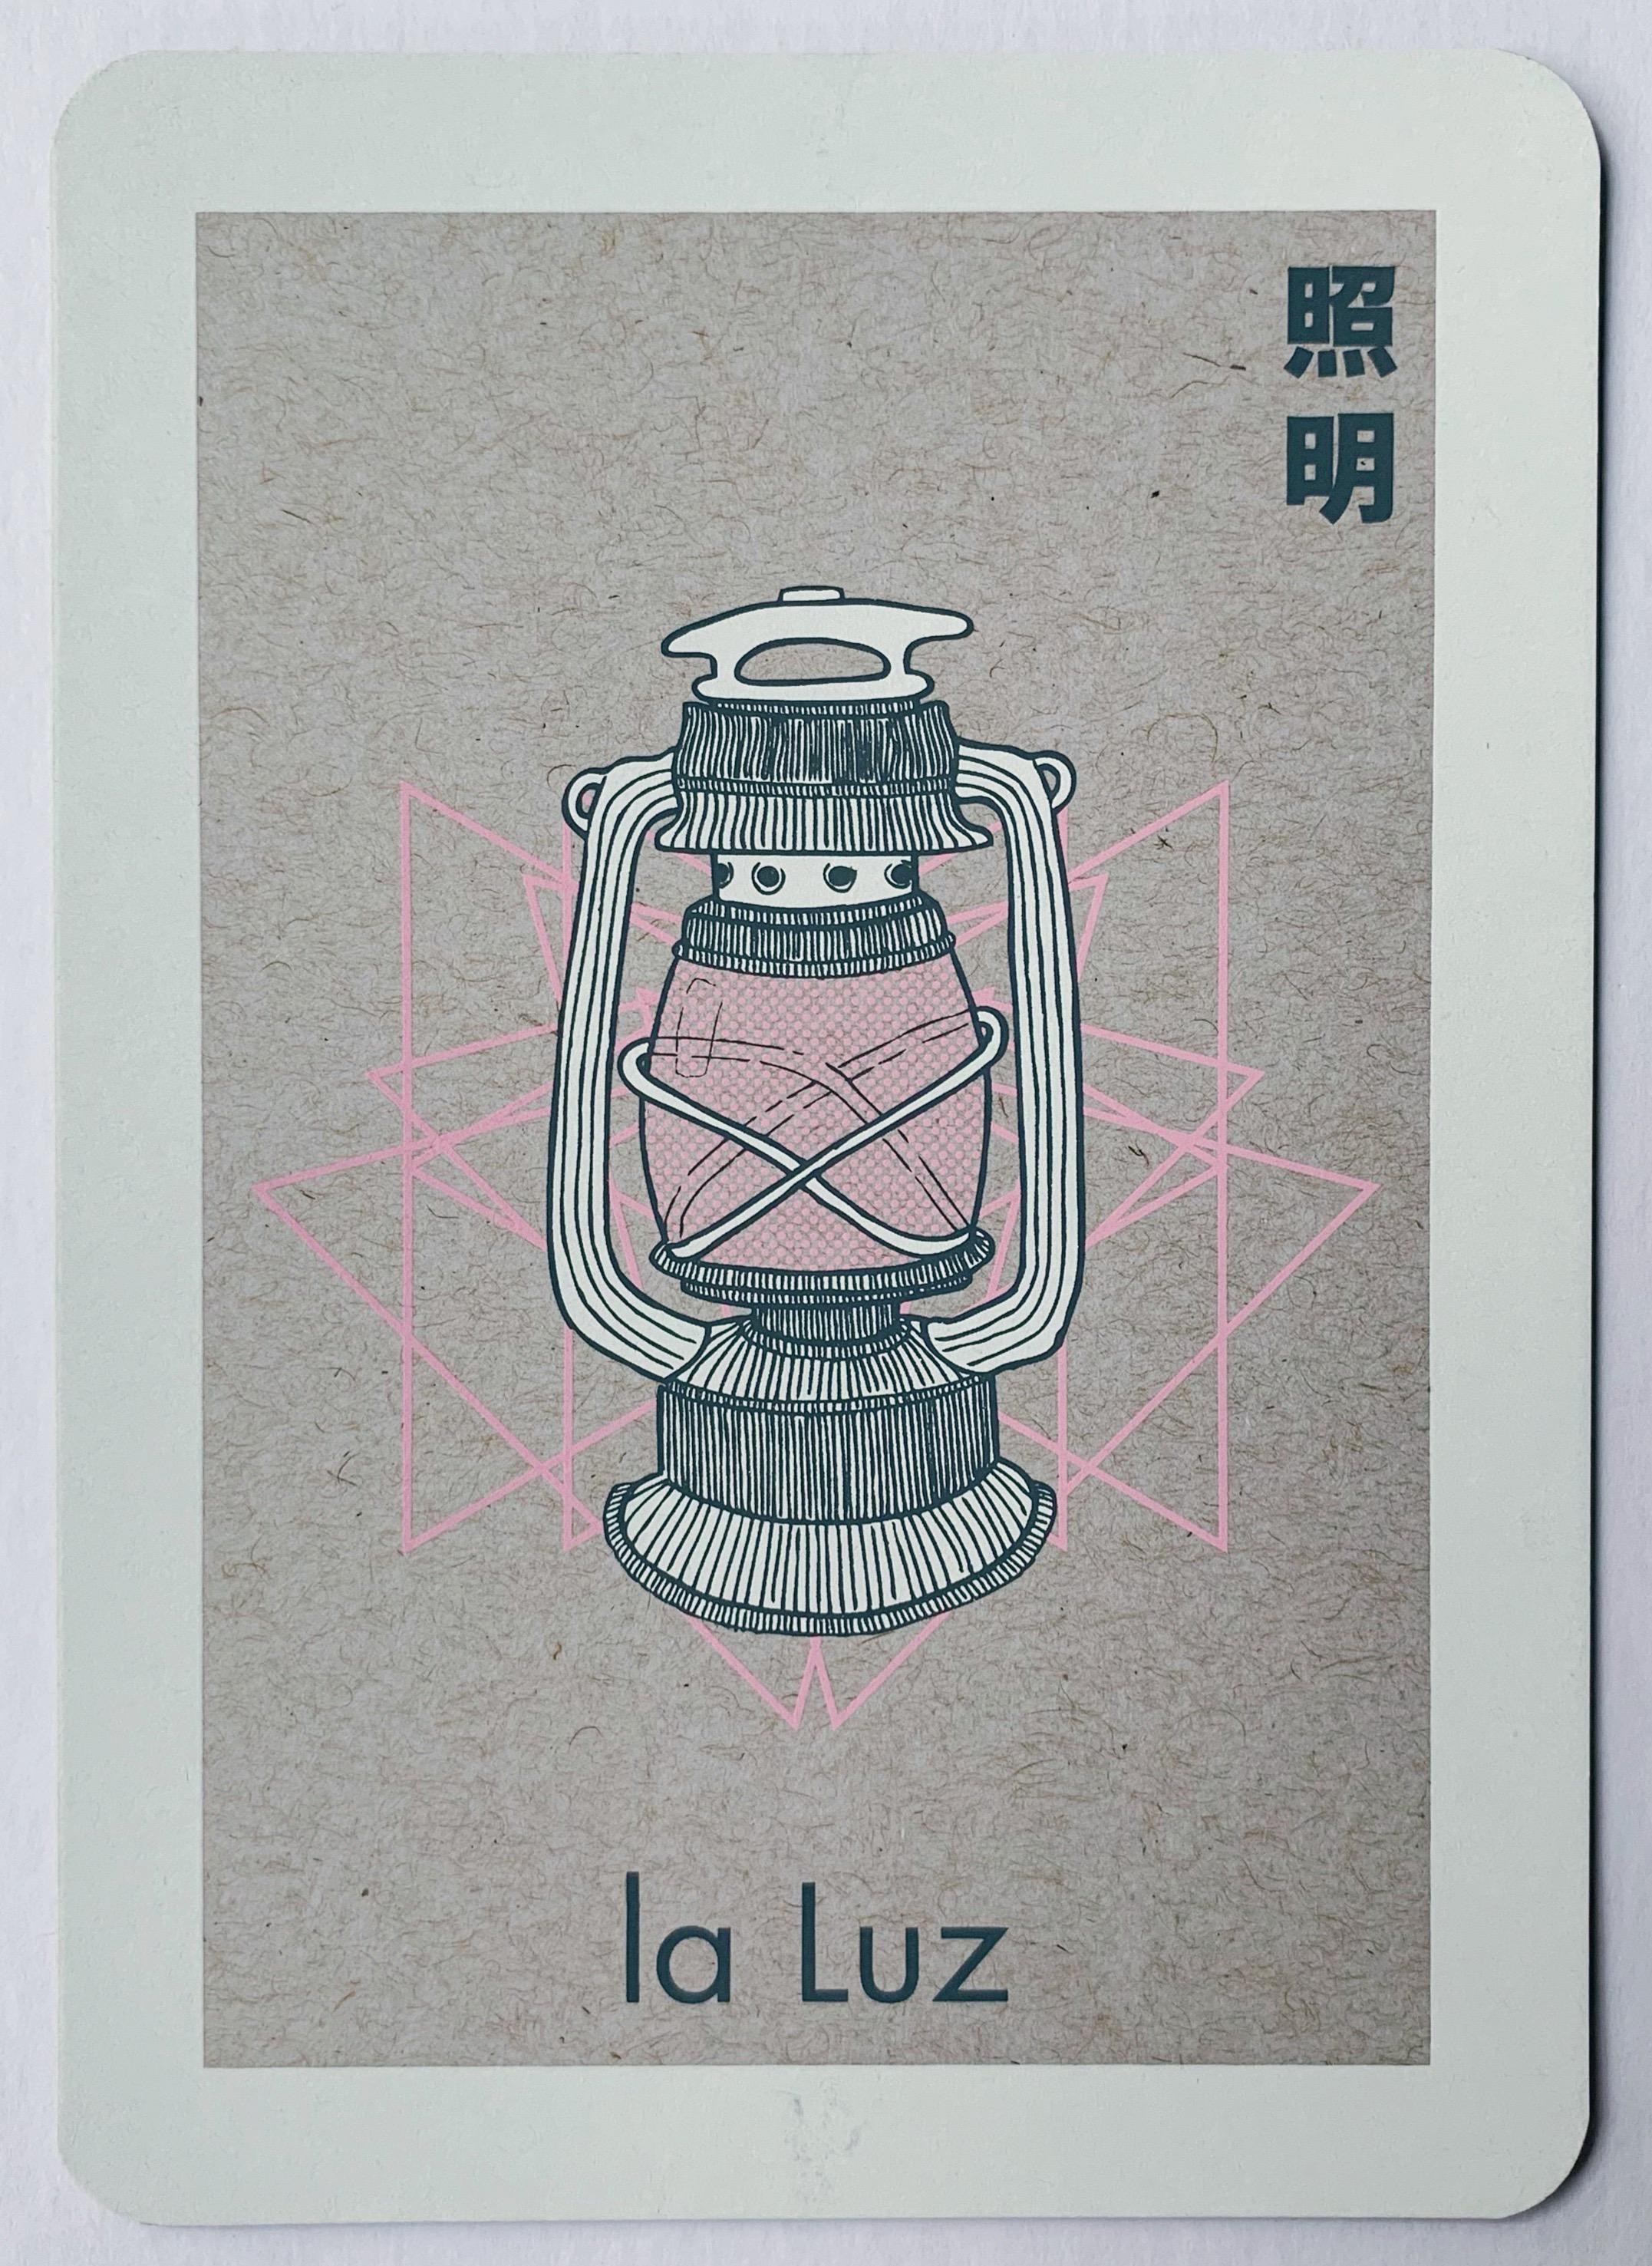 la Luz, serigraphy, 2017